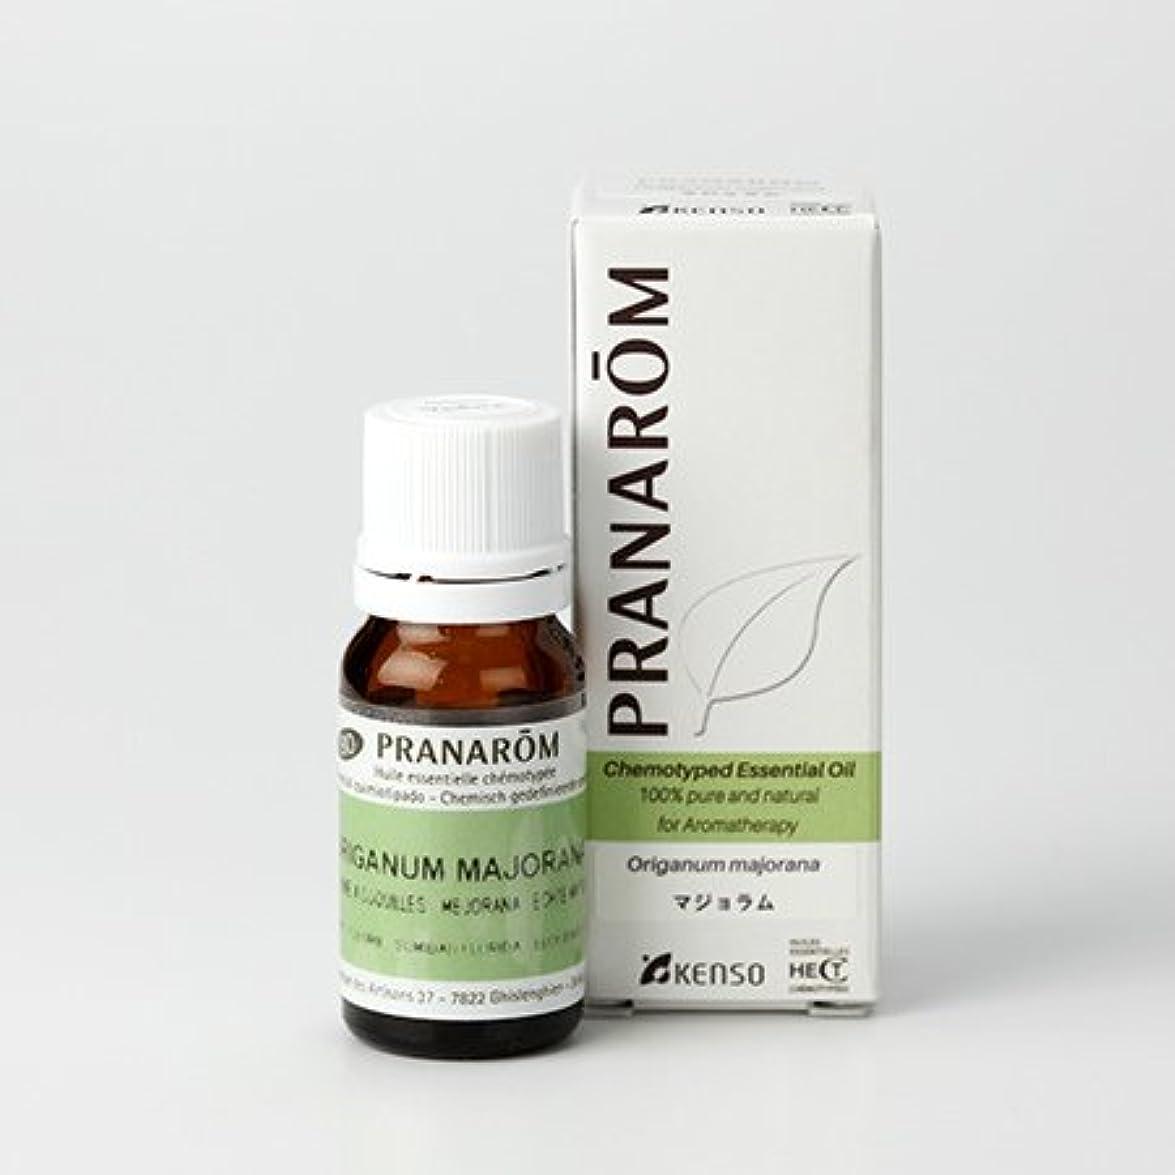 免除つまらないライトニングプラナロム マジョラム 10ml (PRANAROM ケモタイプ精油)